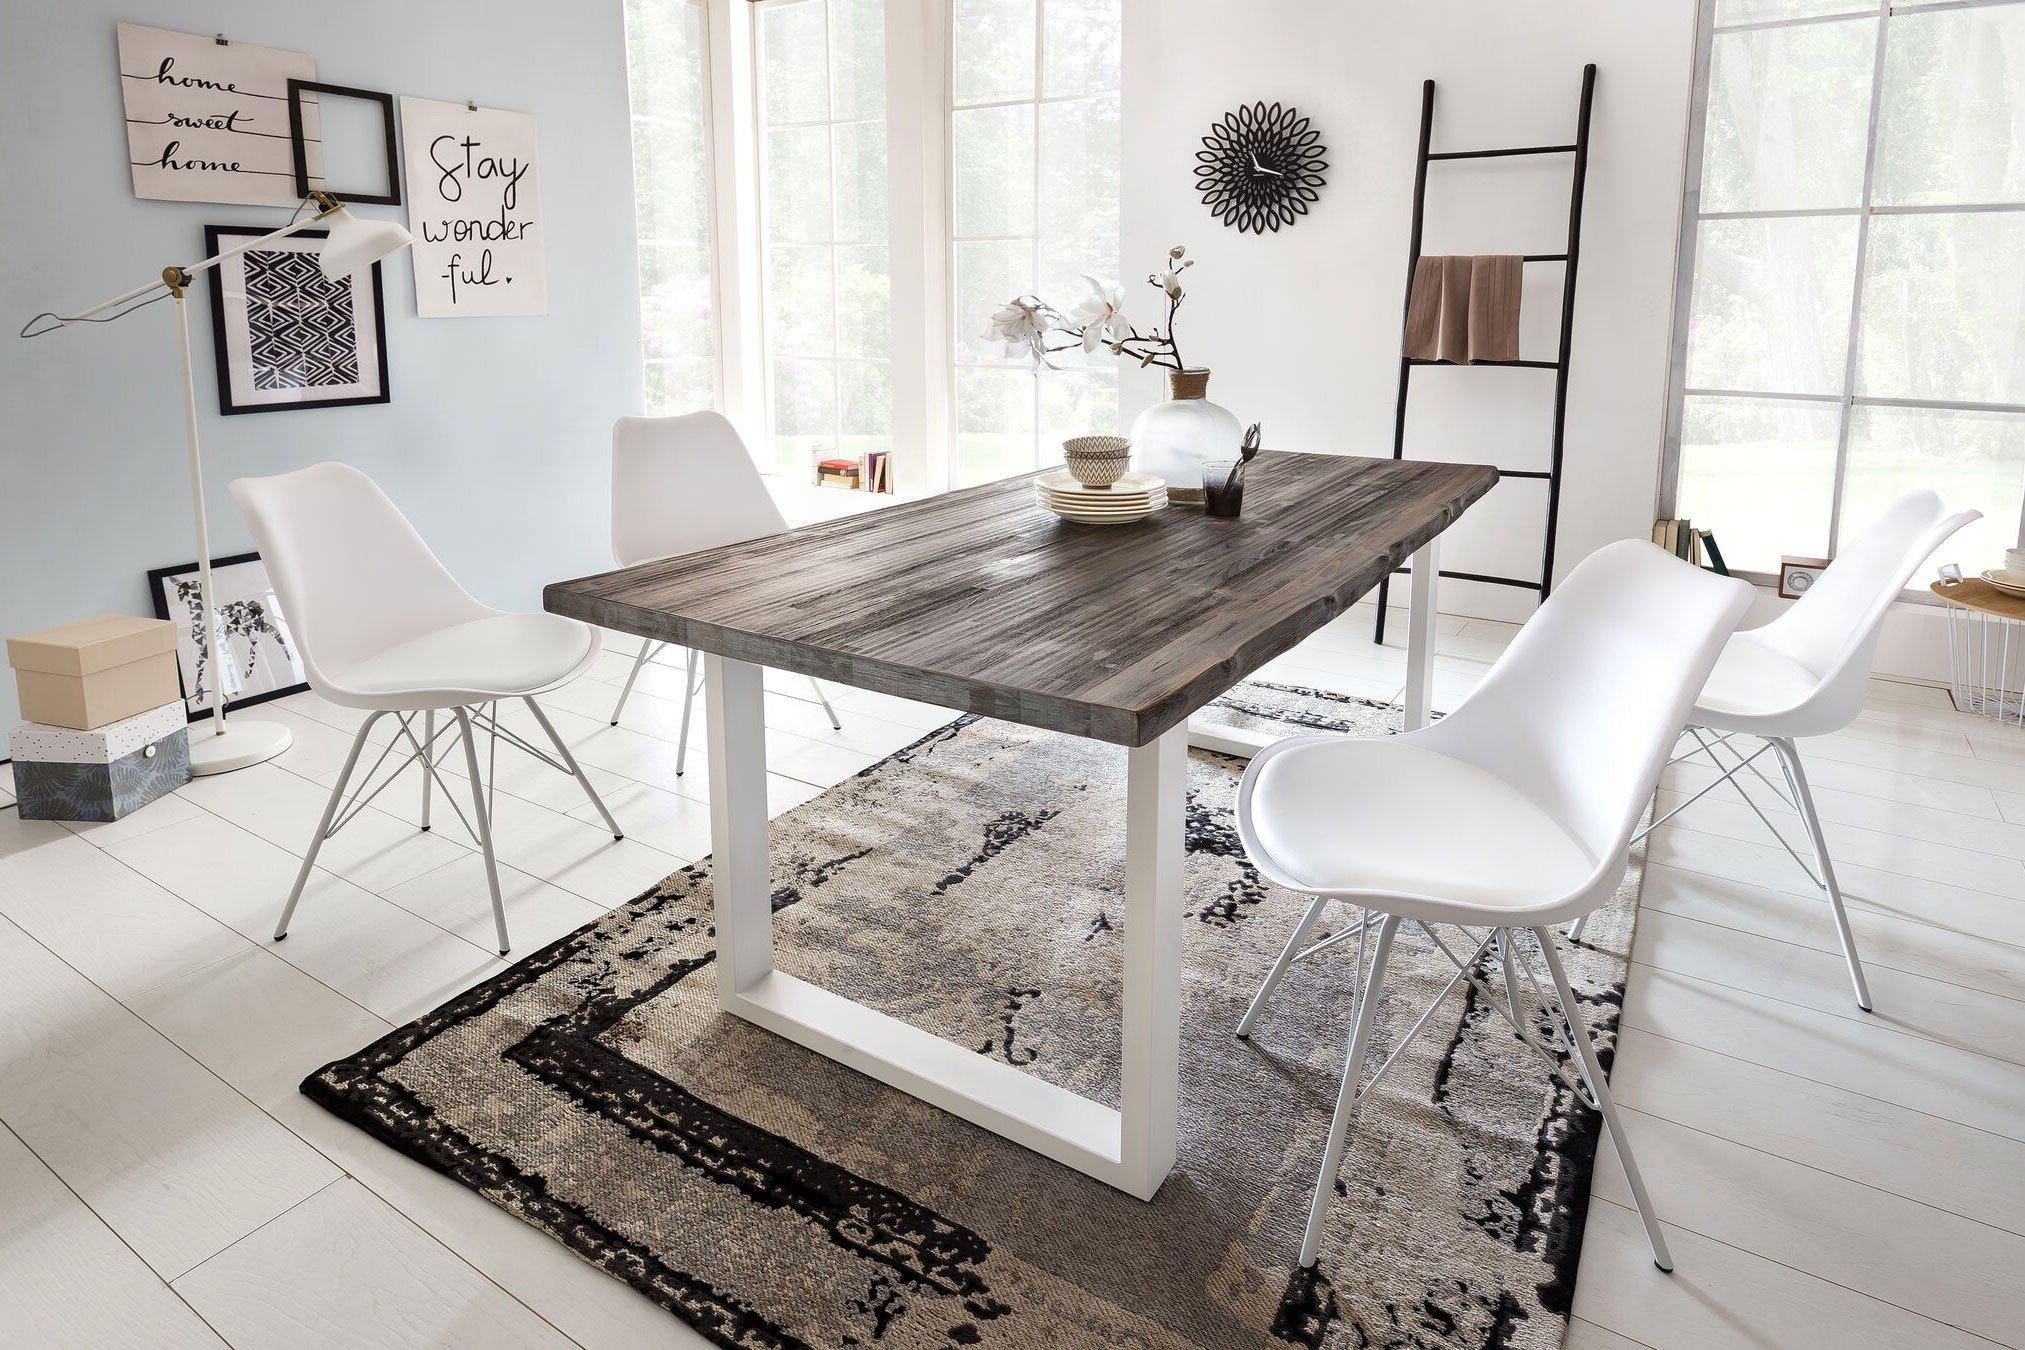 Full Size of Esstische Ausziehbar Massivholz Holz Runde Moderne Massiv Design Rund Designer Kleine Esstische Esstische